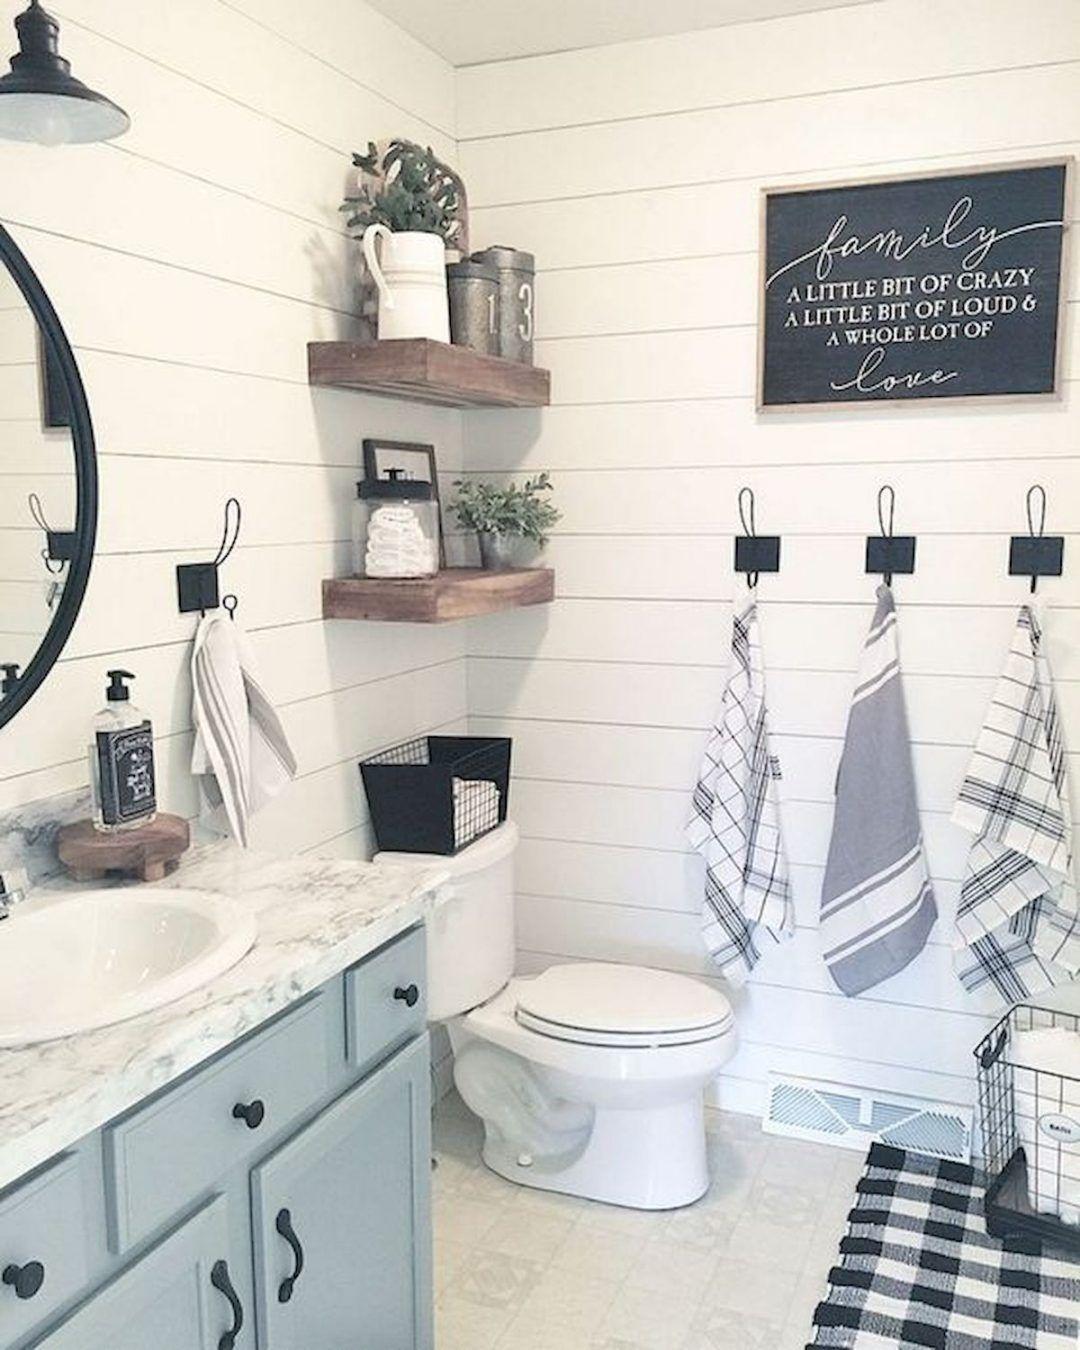 25 Farmhouse Bathroom Ideas For Bathroom Remodel - M15